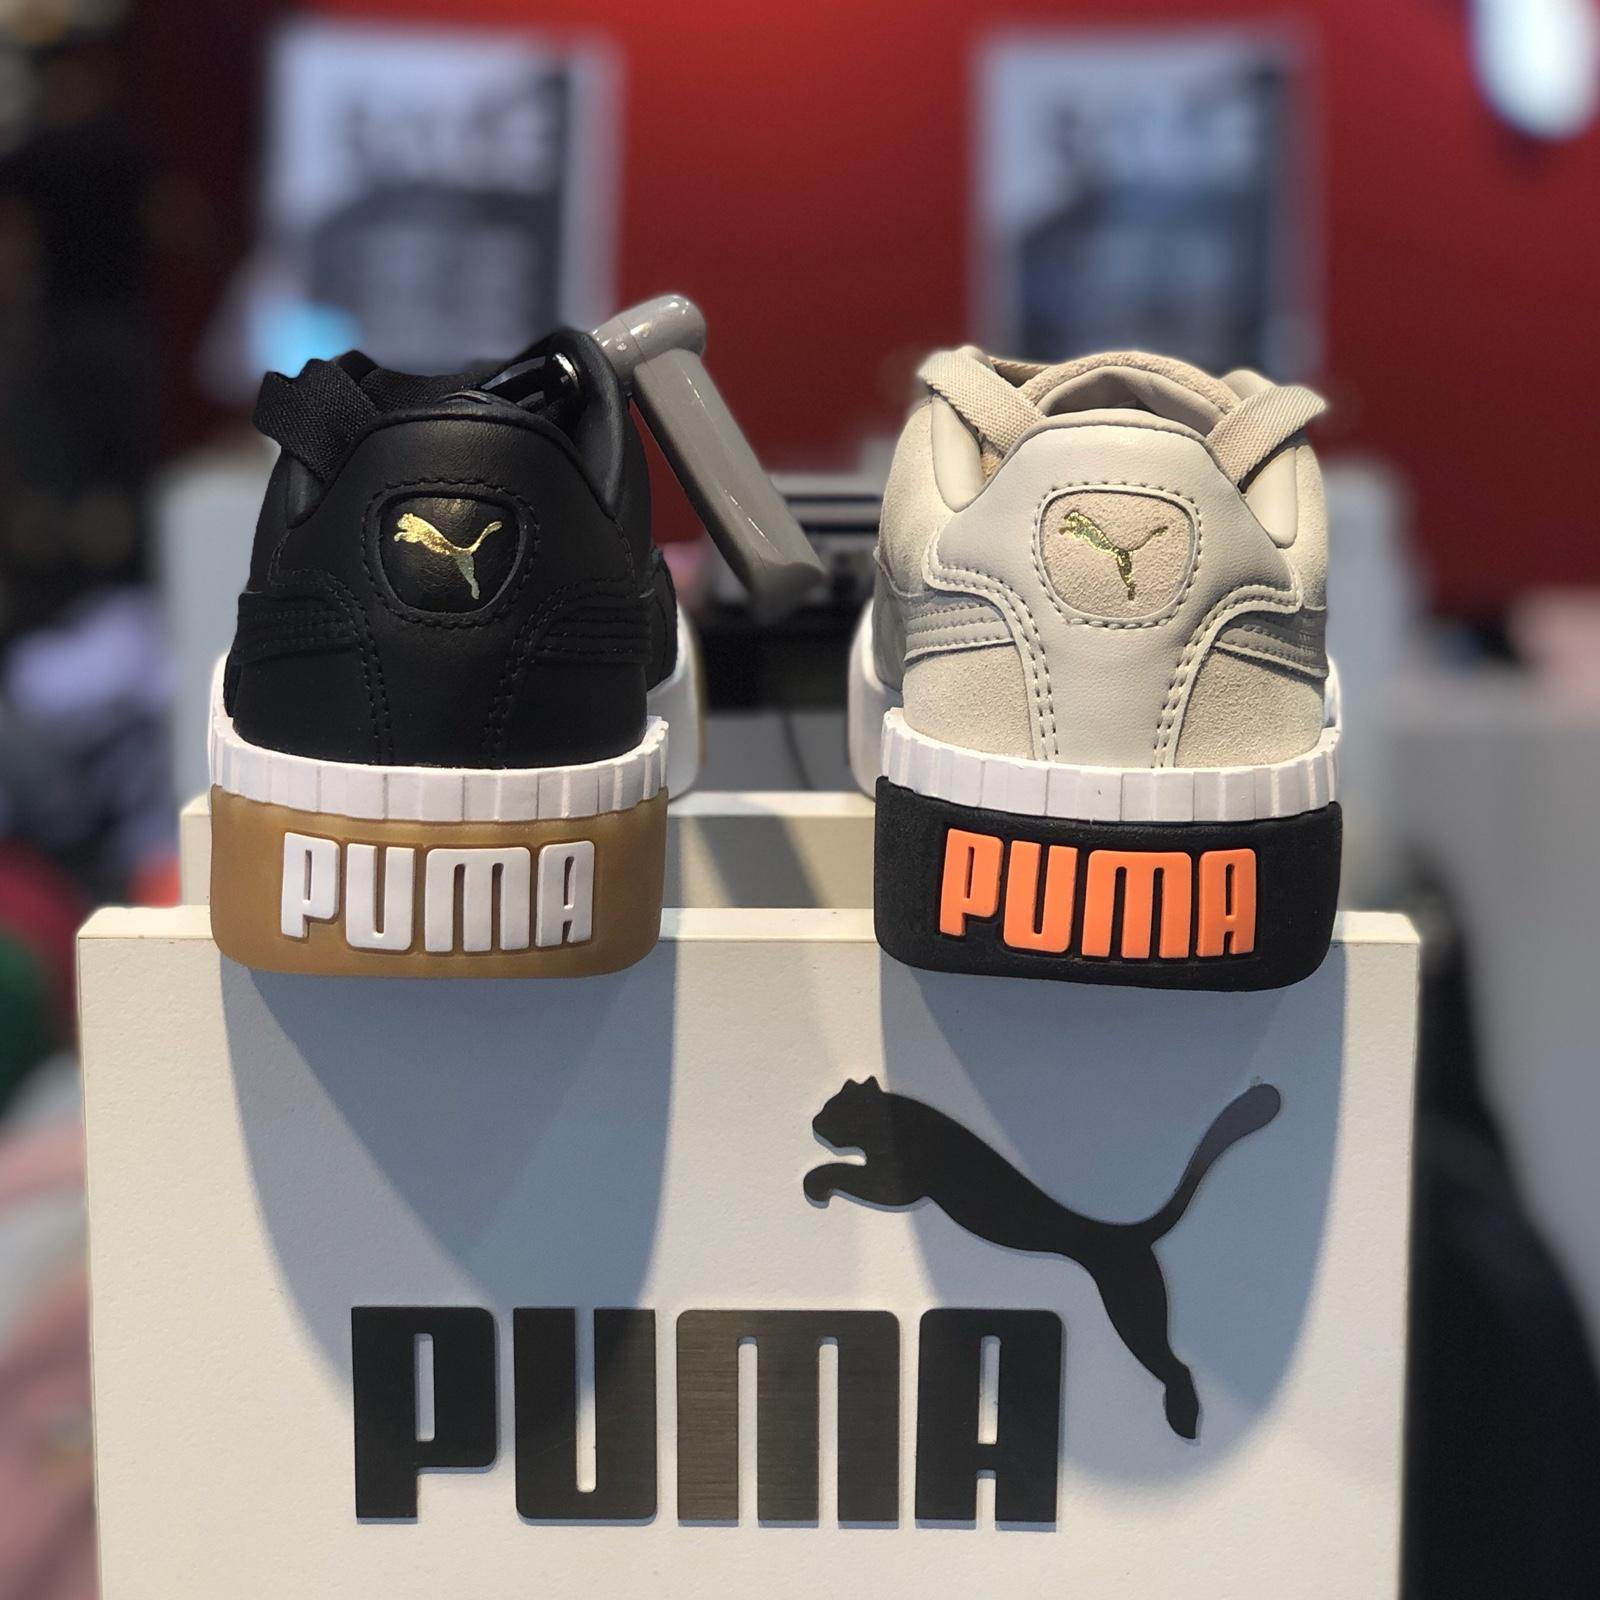 女鞋的店PUMA彪马松糕新款蕾哈娜同款厚底坏蛋板鞋休闲鞋369653